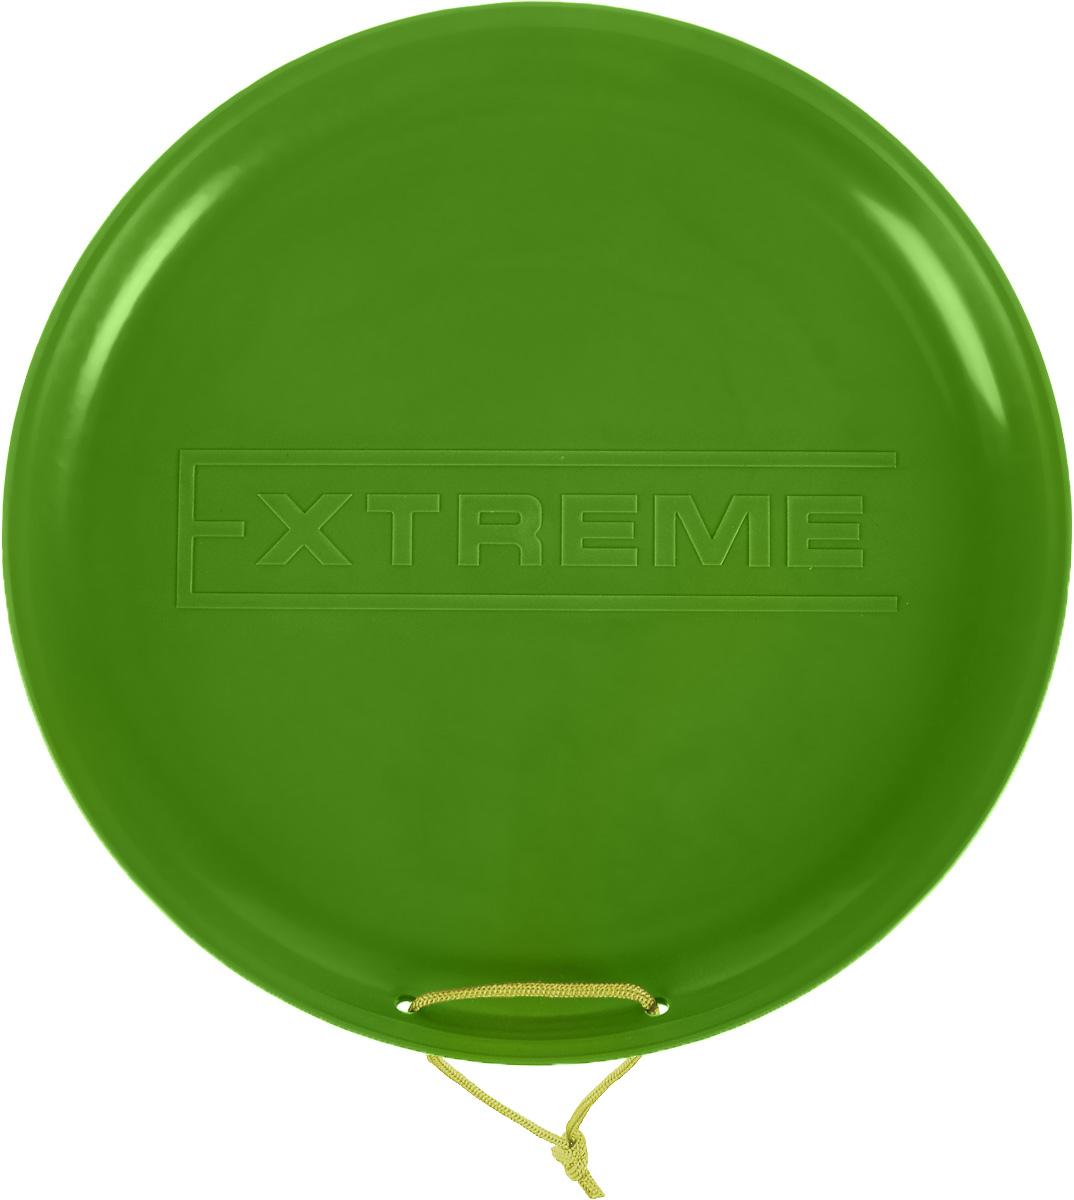 Санки-ледянки Престиж Экстрим, цвет: зеленый, диаметр 40 см336909Любимая детская зимняя забава - это катание с горки. Яркие санки-ледянки Престиж Экстрим станут незаменимым атрибутом этой веселой детской игры. Санки-ледянки - это специальная пластиковая тарелка, облегчающая скольжение и увеличивающая скорость движения по горке. Ледянка выполнена из прочного гибкого пластика и снабжена текстильной ручкой для транспортировки. Конфигурация санок позволяет удобно сидеть и развивать лучшую скорость. Благодаря малому весу ледянку, в отличие от обычных санок, легко нести с собой даже ребенку.